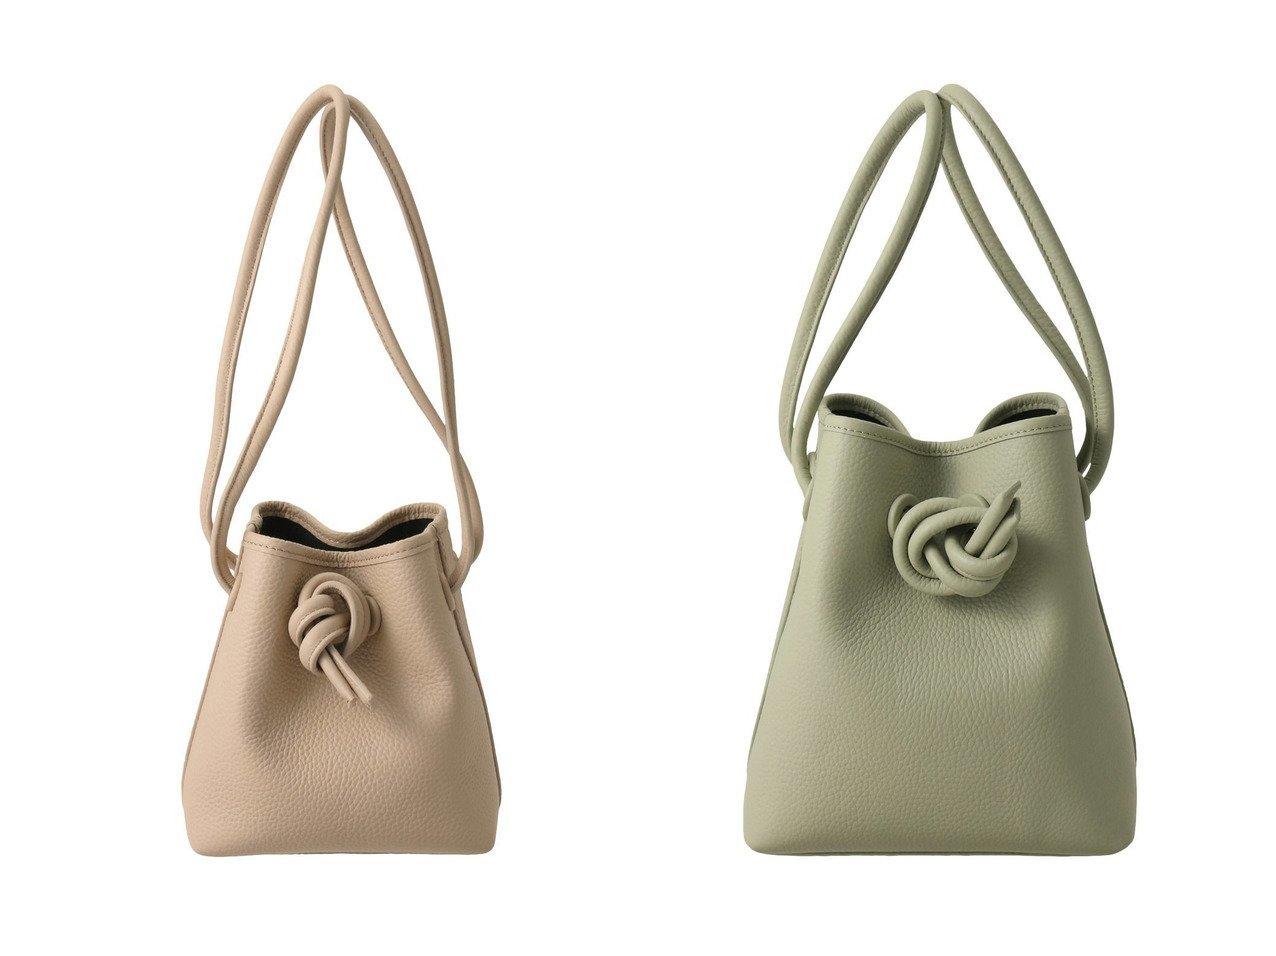 【VASIC/ヴァジック】のBond Mini Mini 2wayショルダーバッグ&Bond Mini 2wayハンドバッグ バッグ・鞄のおすすめ!人気トレンド・レディースファッションの通販 おすすめで人気のファッション通販商品 インテリア・家具・キッズファッション・メンズファッション・レディースファッション・服の通販 founy(ファニー) https://founy.com/ ファッション Fashion レディース WOMEN バッグ Bag コンパクト ショルダー ポシェット ロング ハンドバッグ フォルム 人気  ID:crp329100000006091